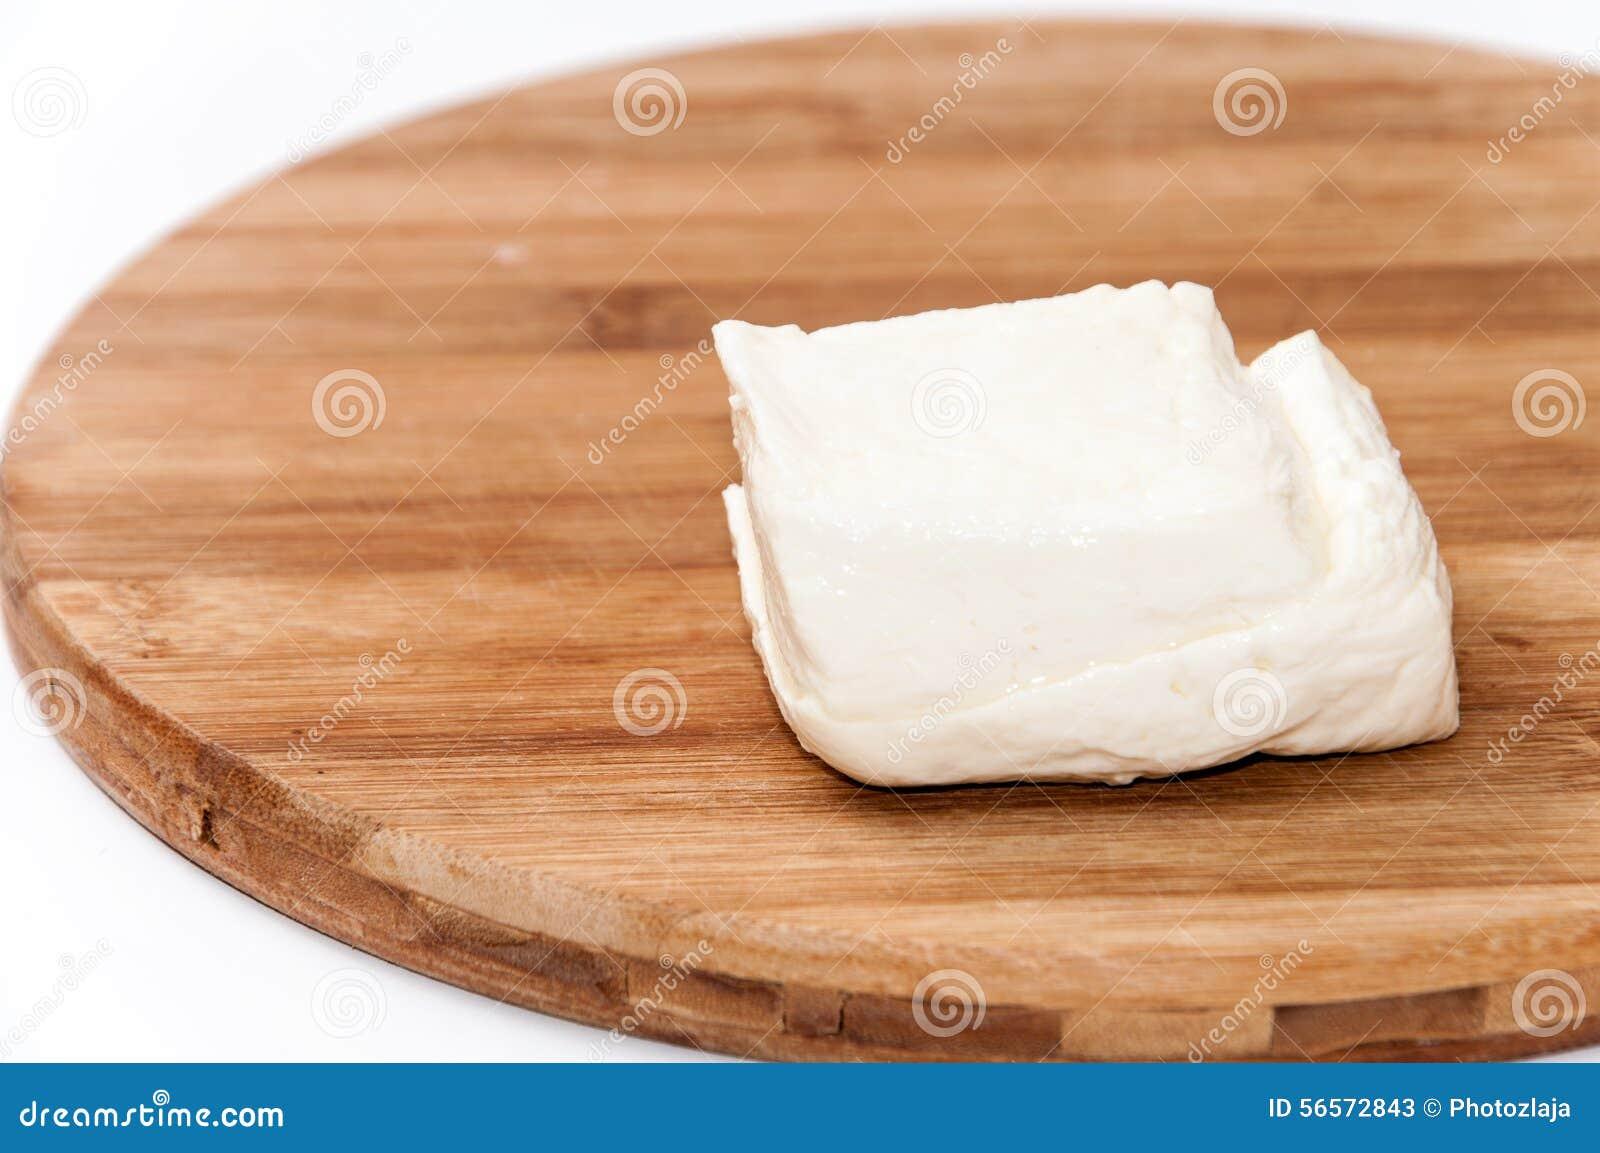 Download Σπιτικό άσπρο τυρί στον ξύλινο πίνακα κουζινών Στοκ Εικόνα - εικόνα από απομονωμένος, dieting: 56572843